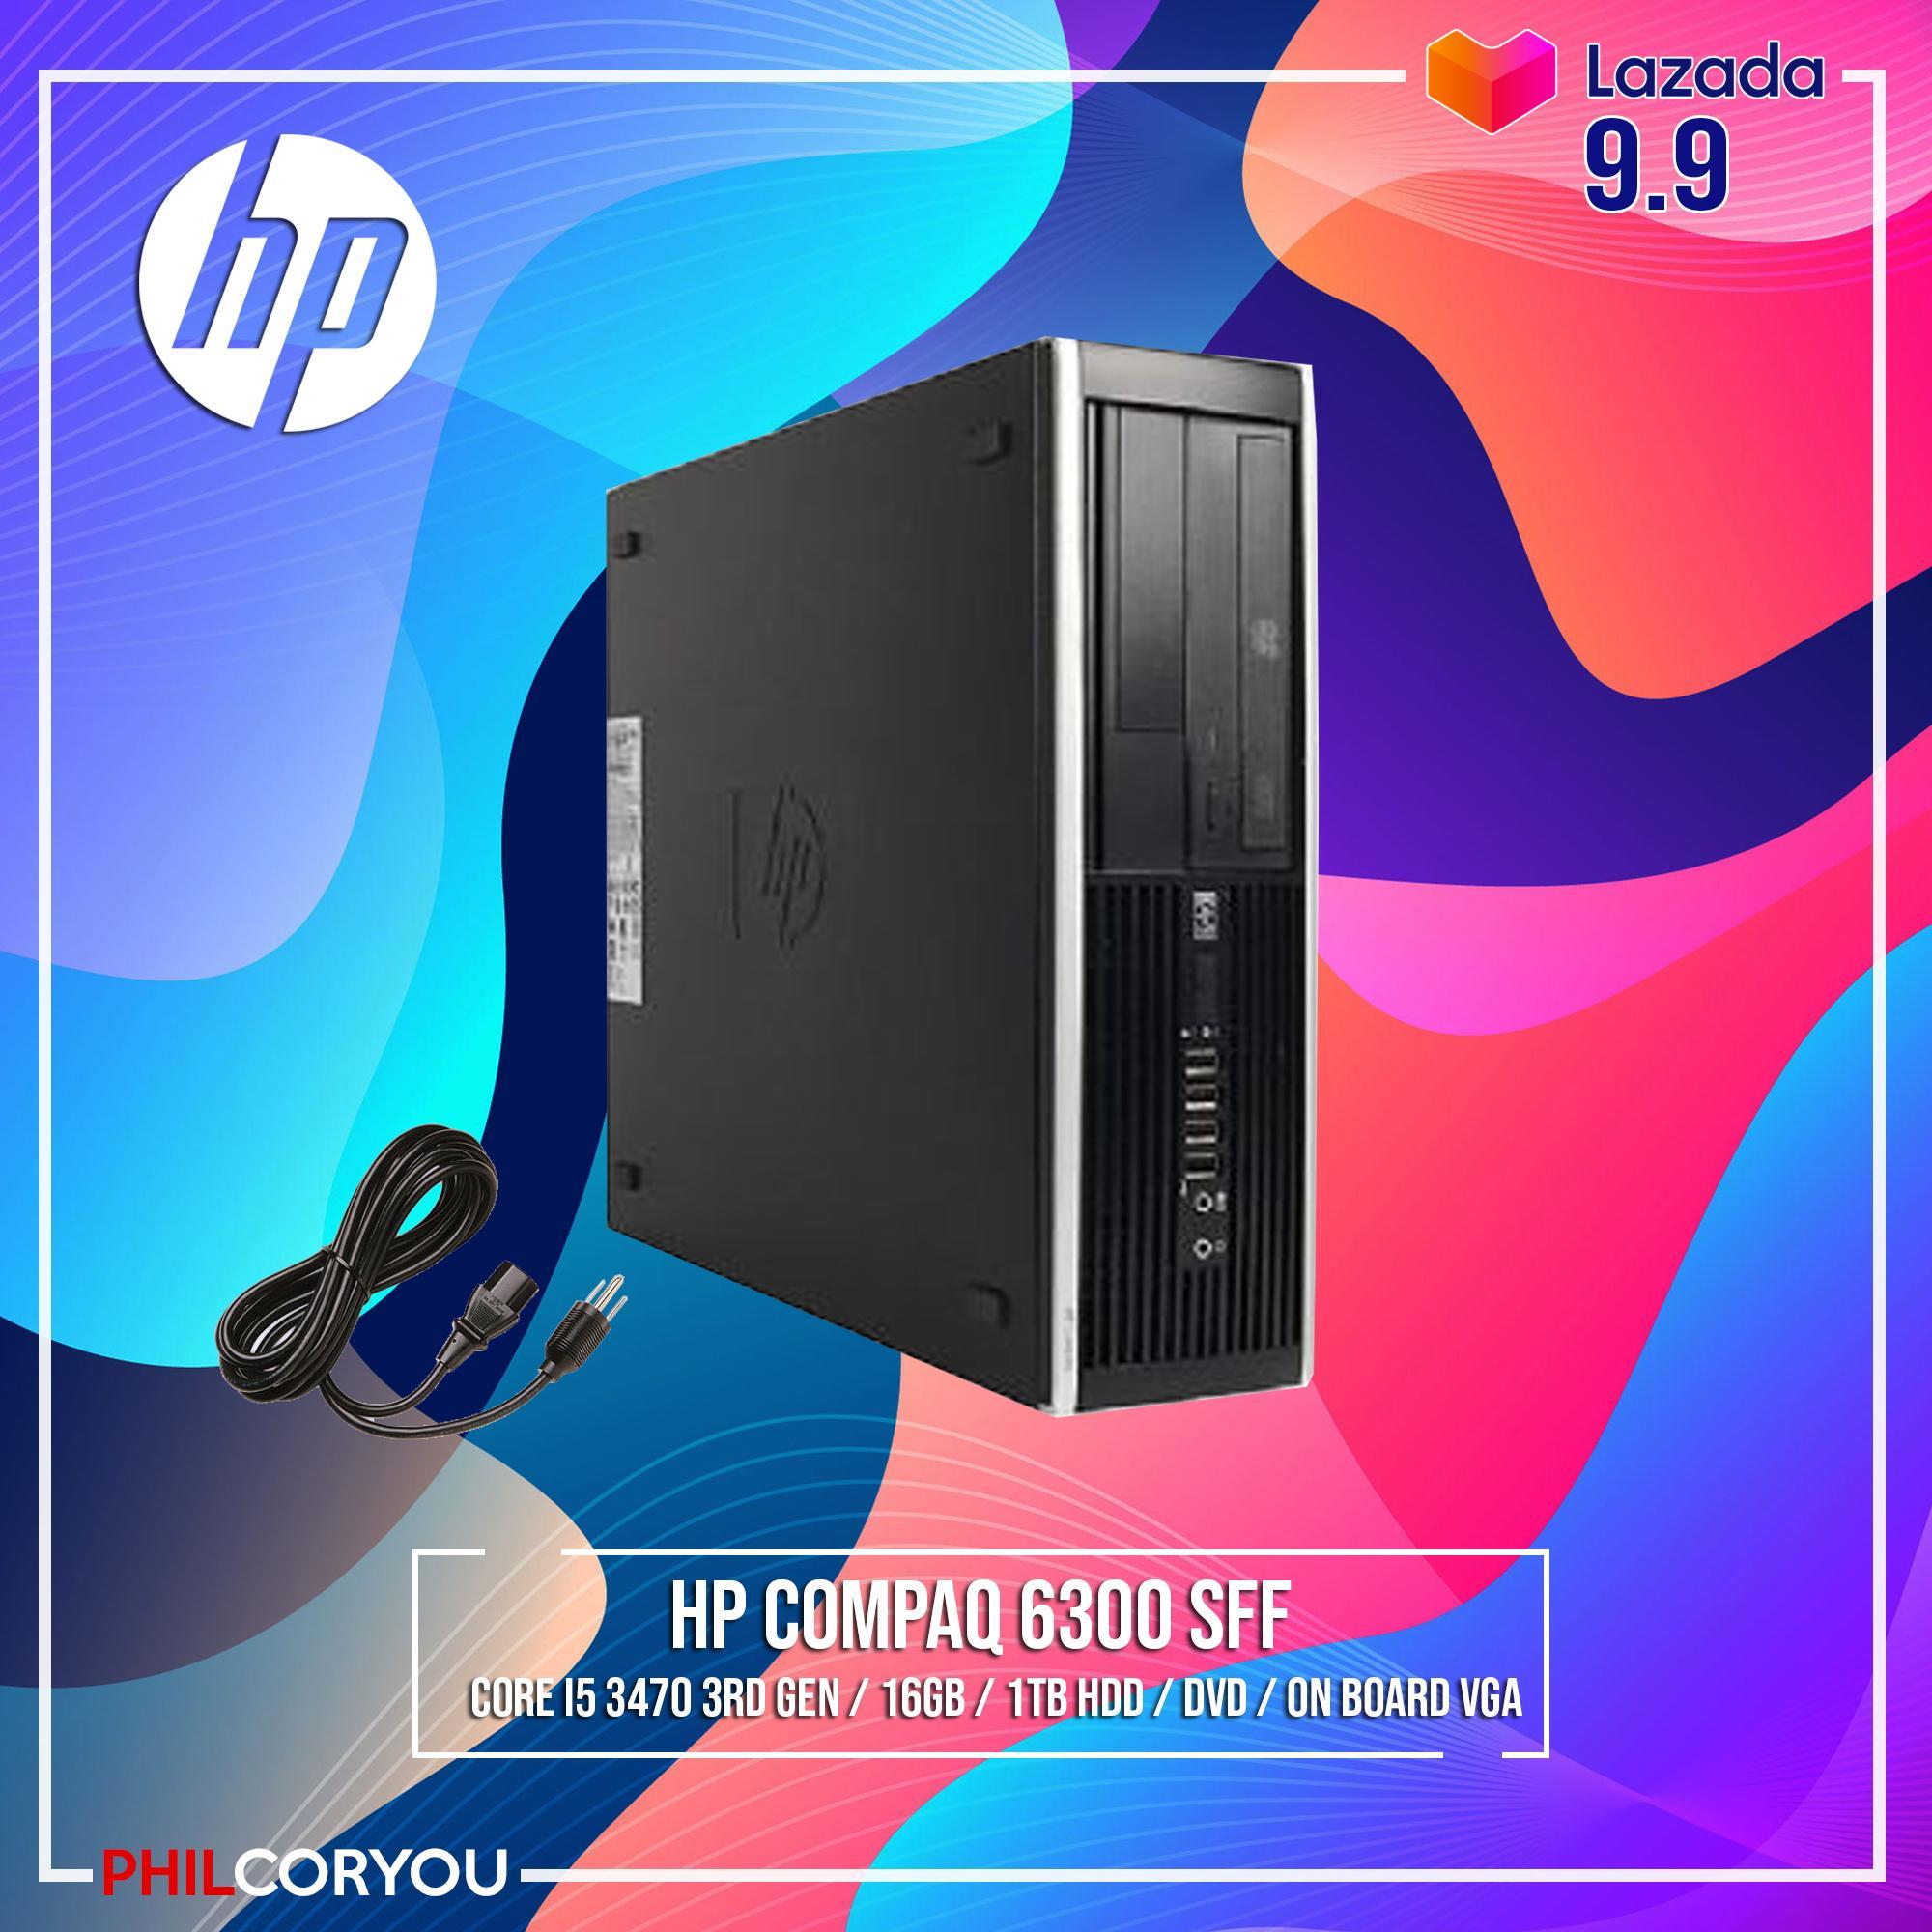 [CPU Package] HP COMPAQ 6300 SFF CORE I5 3470 16GB 1TB